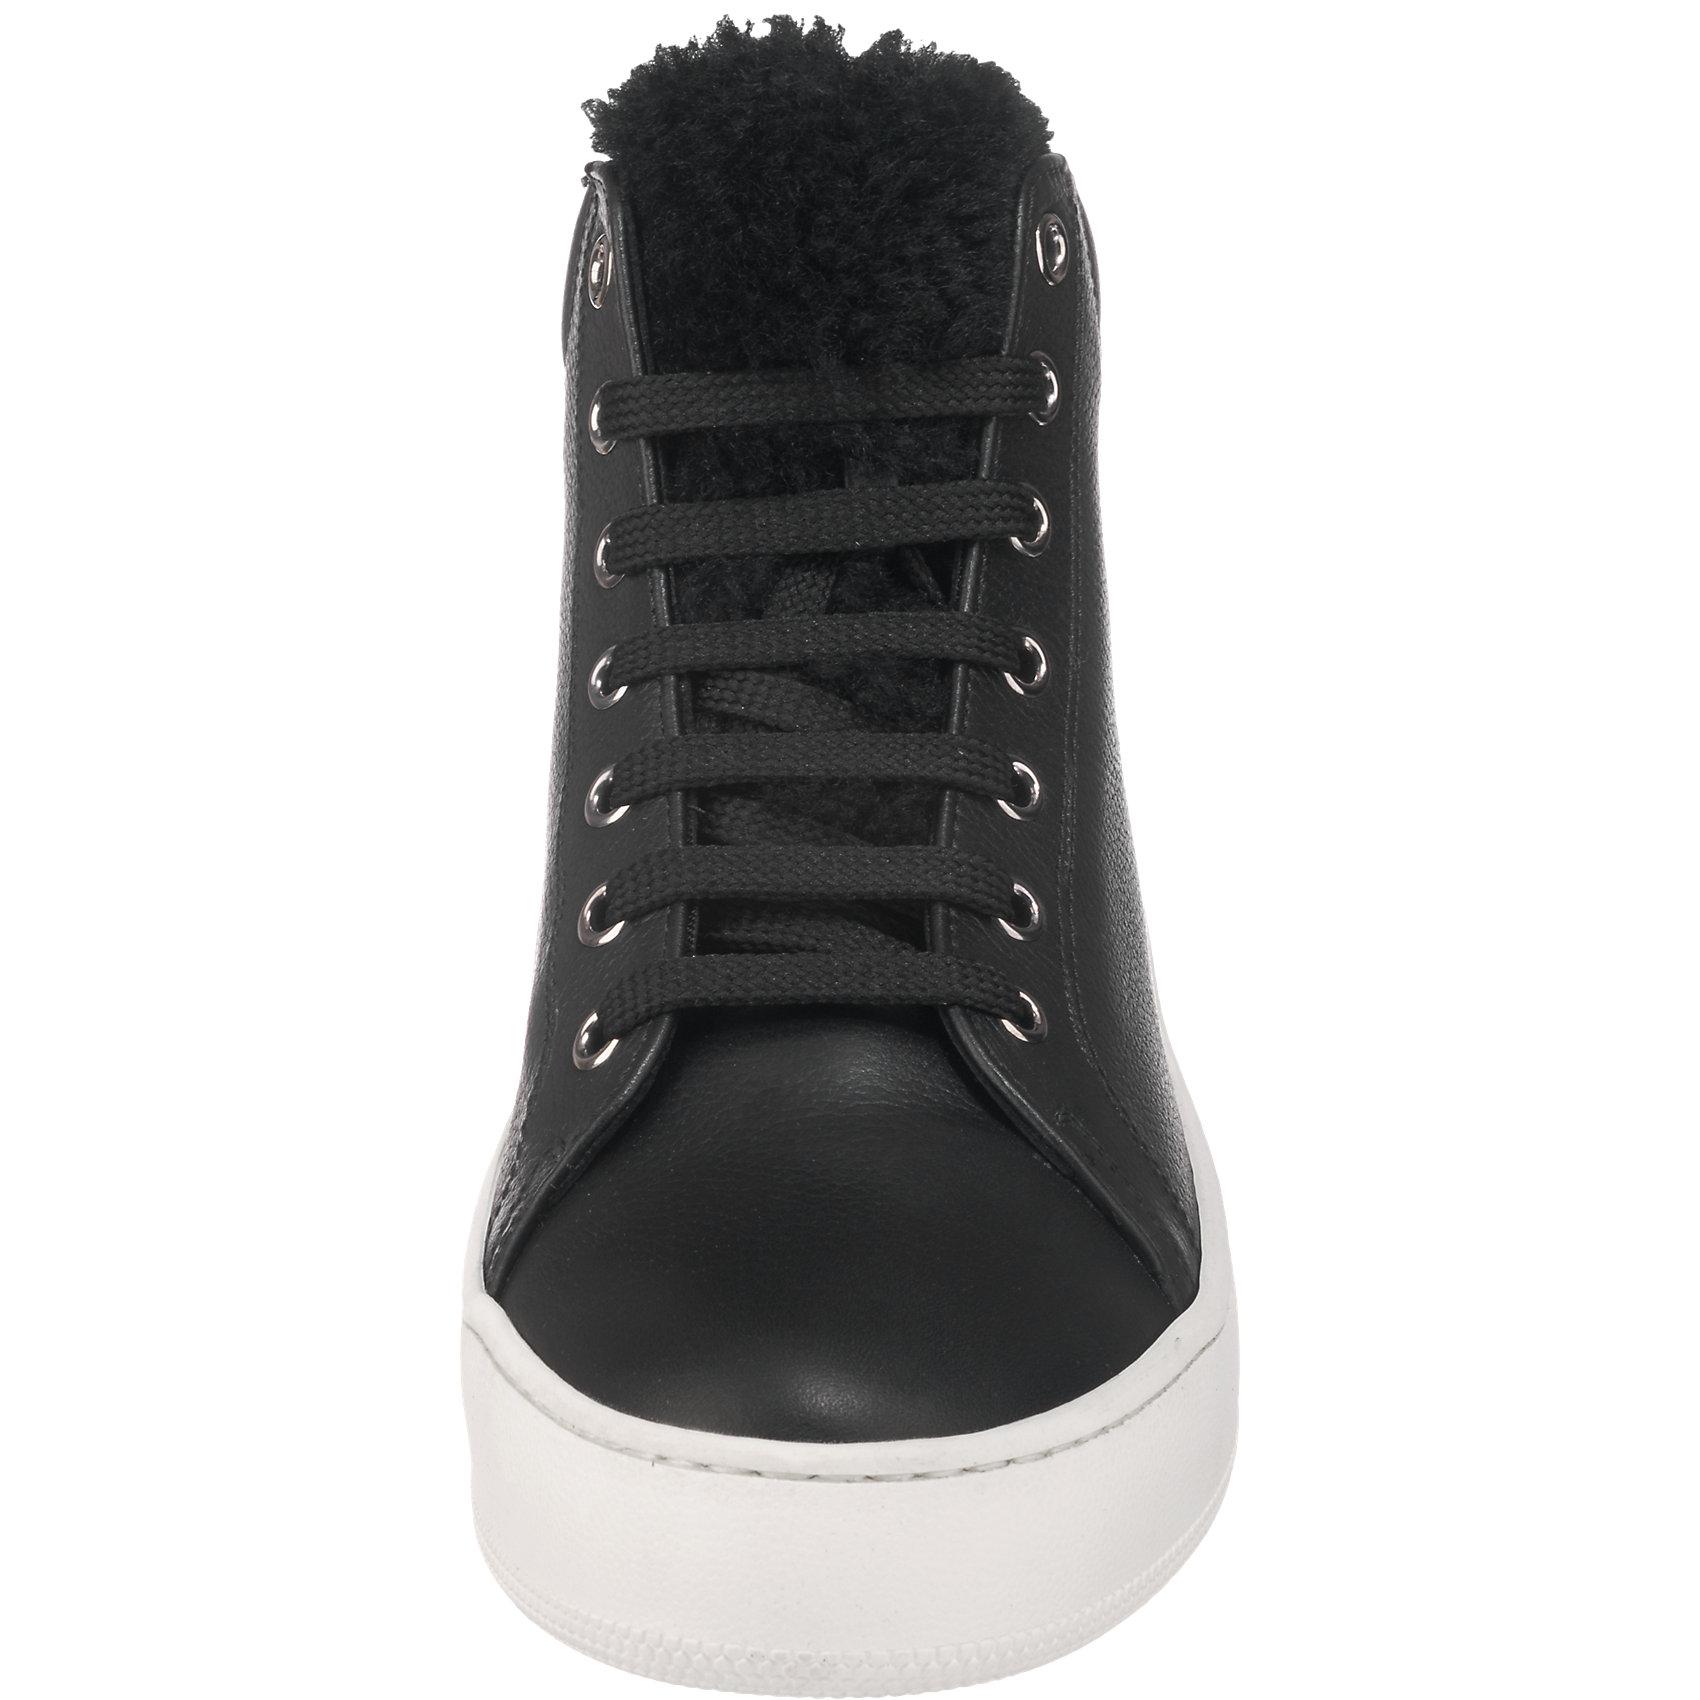 Neu MaiMai Sneakers 6946048 für Damen schwarz Modell 1 braun schwarz